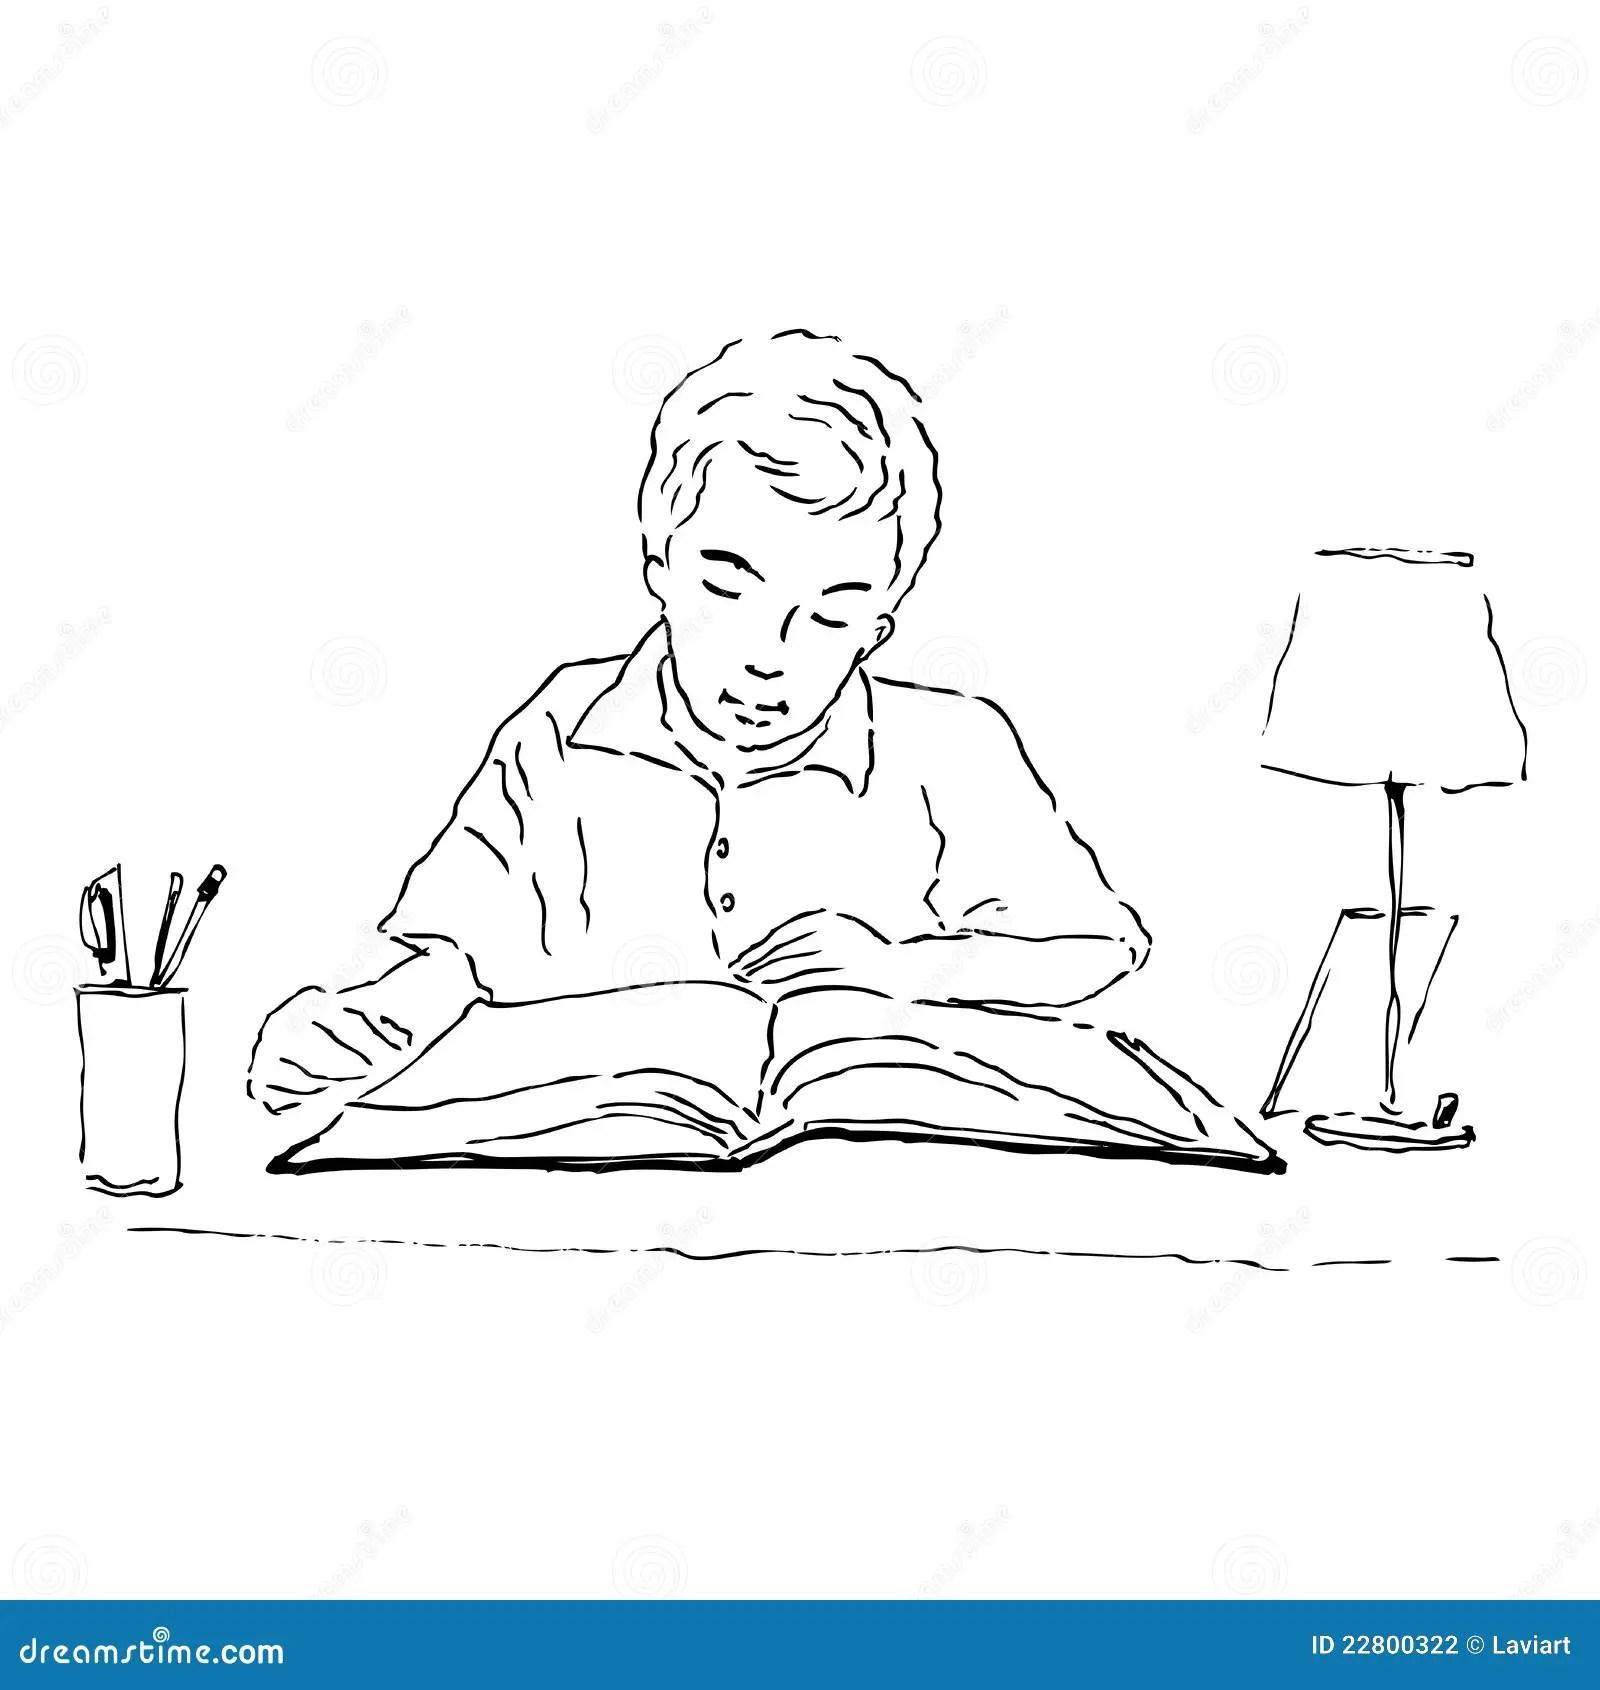 Boy studying stock illustration. Image of cartoon, study